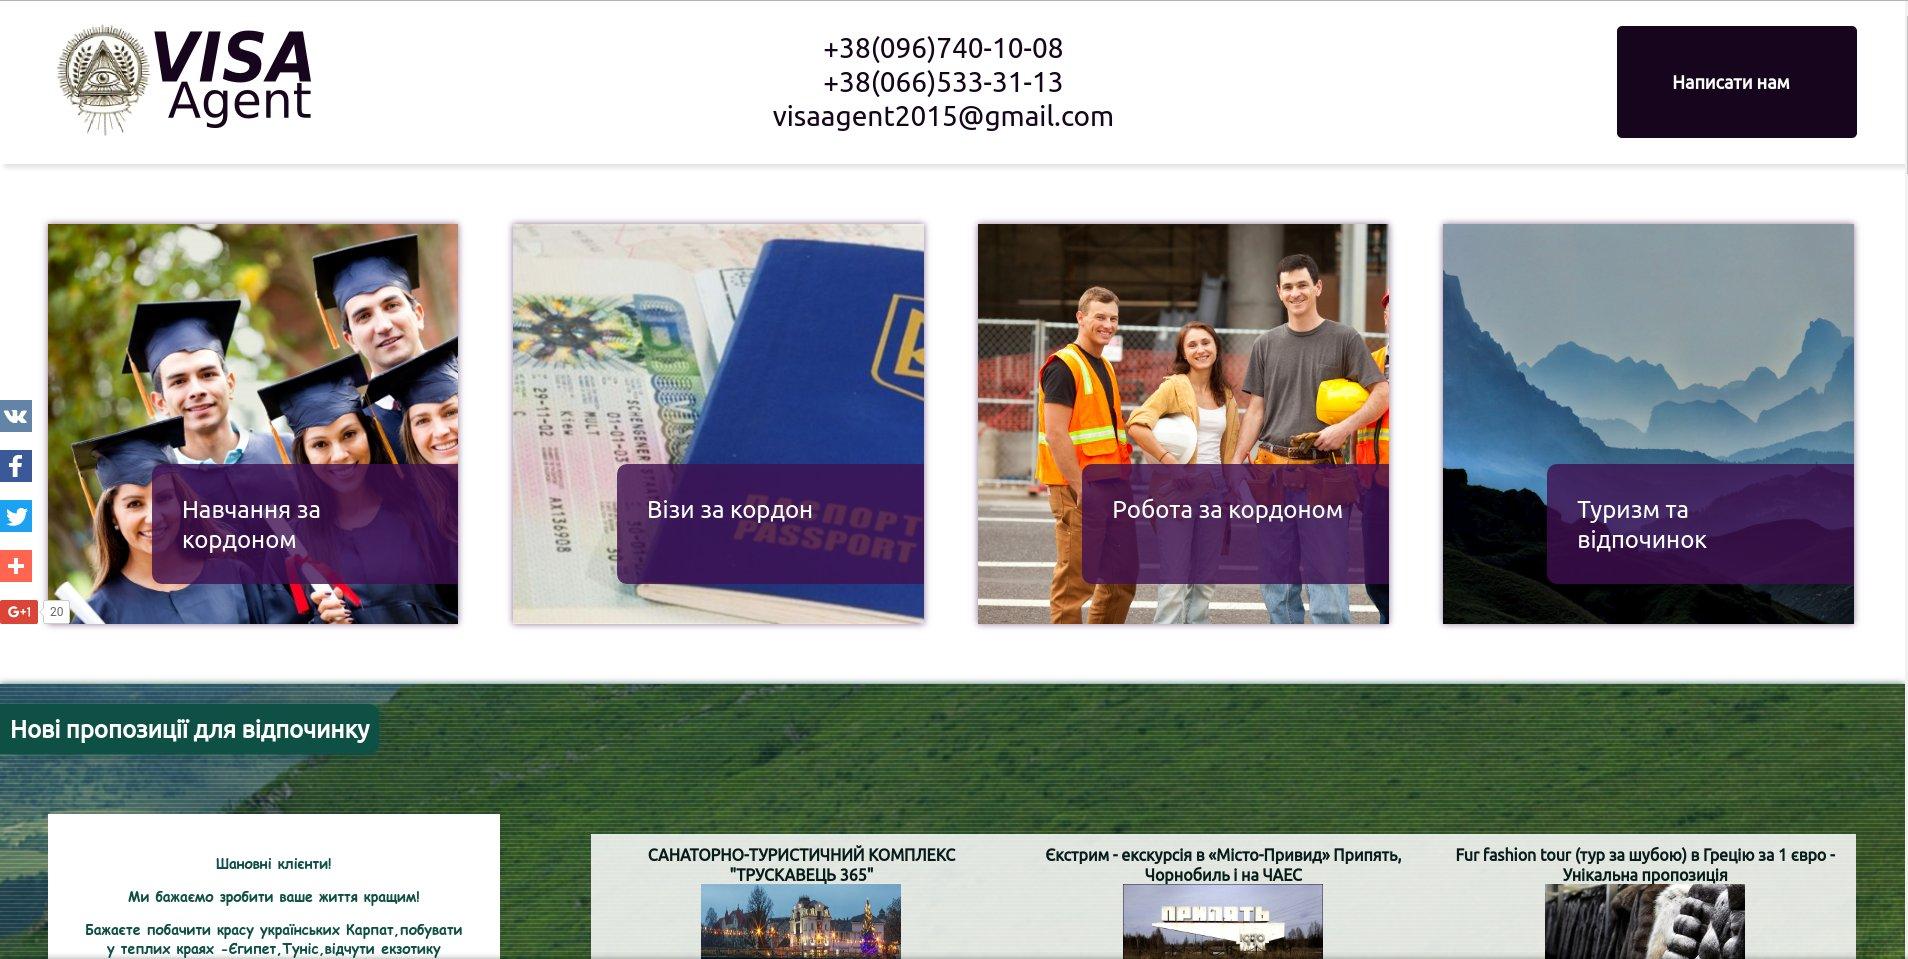 Разработка информационных сайтов. Херсон. Портфолио веб студии Essotec.